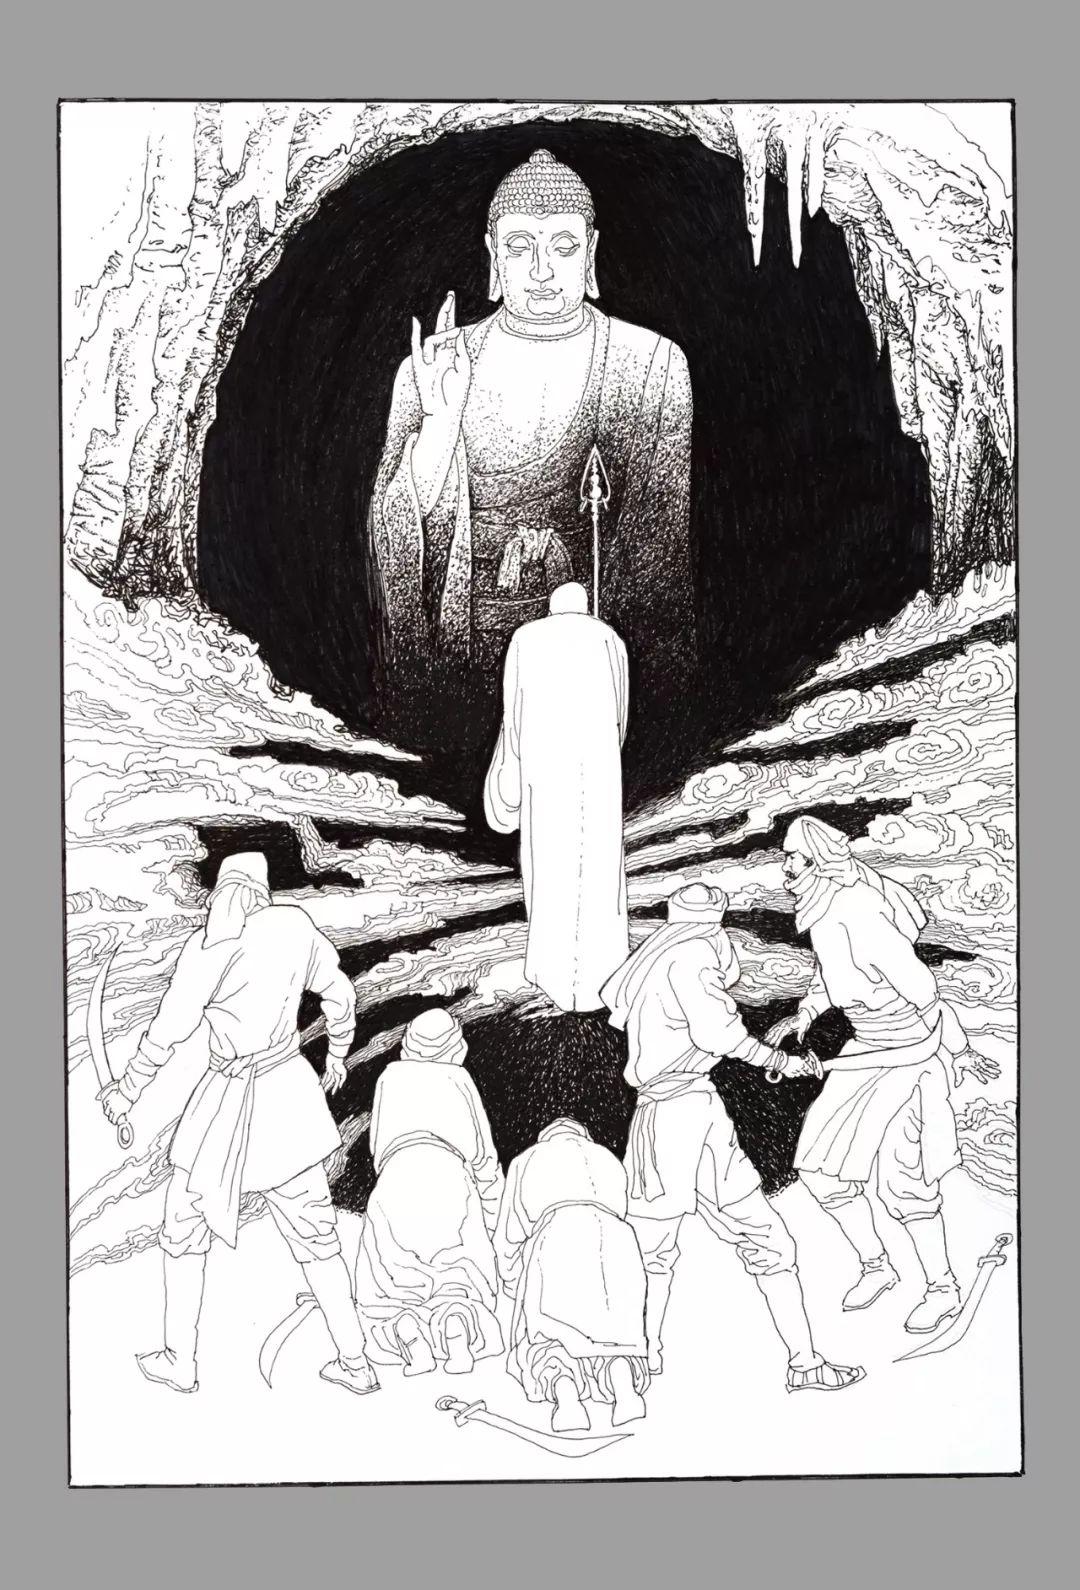 内蒙古画家--彭志信 第70张 内蒙古画家--彭志信 蒙古画廊